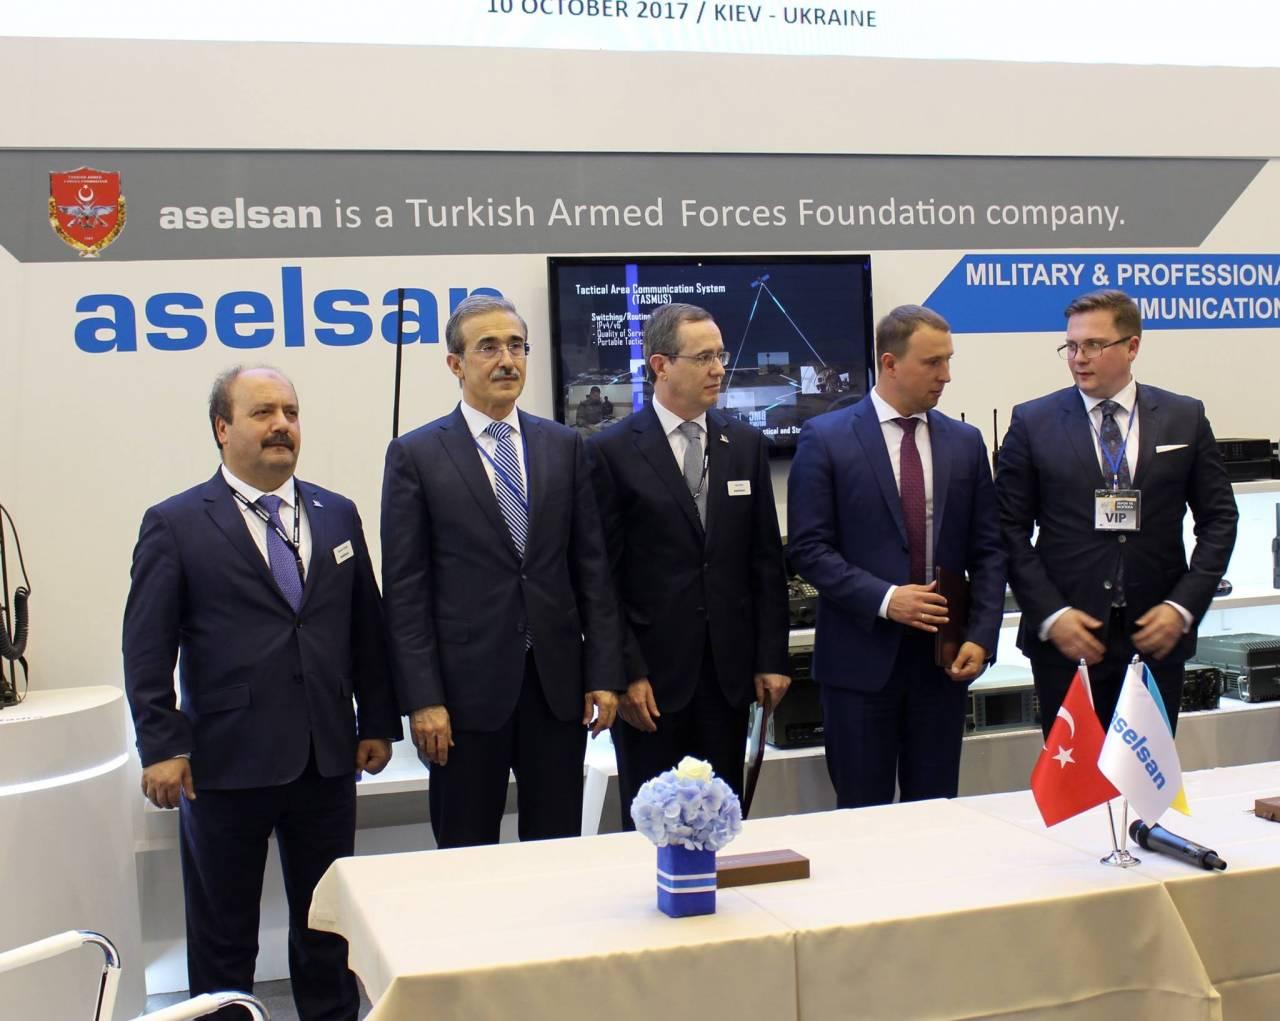 Турция хочет поставлять ВСУ системы тактической связи УКВ-диапазона